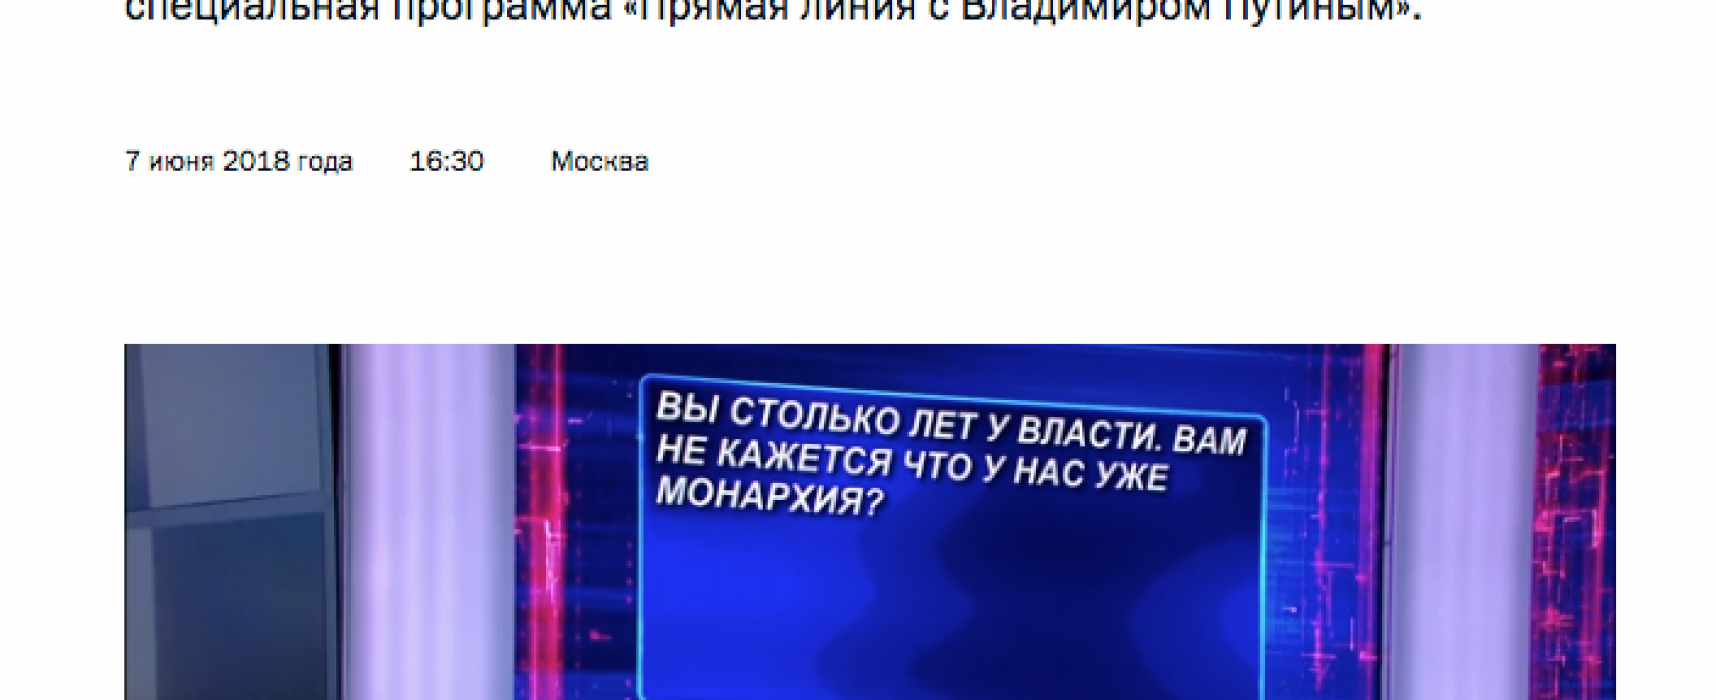 La rhétorique poutinienne sur l'Ukraine lors de la «Ligne directe»